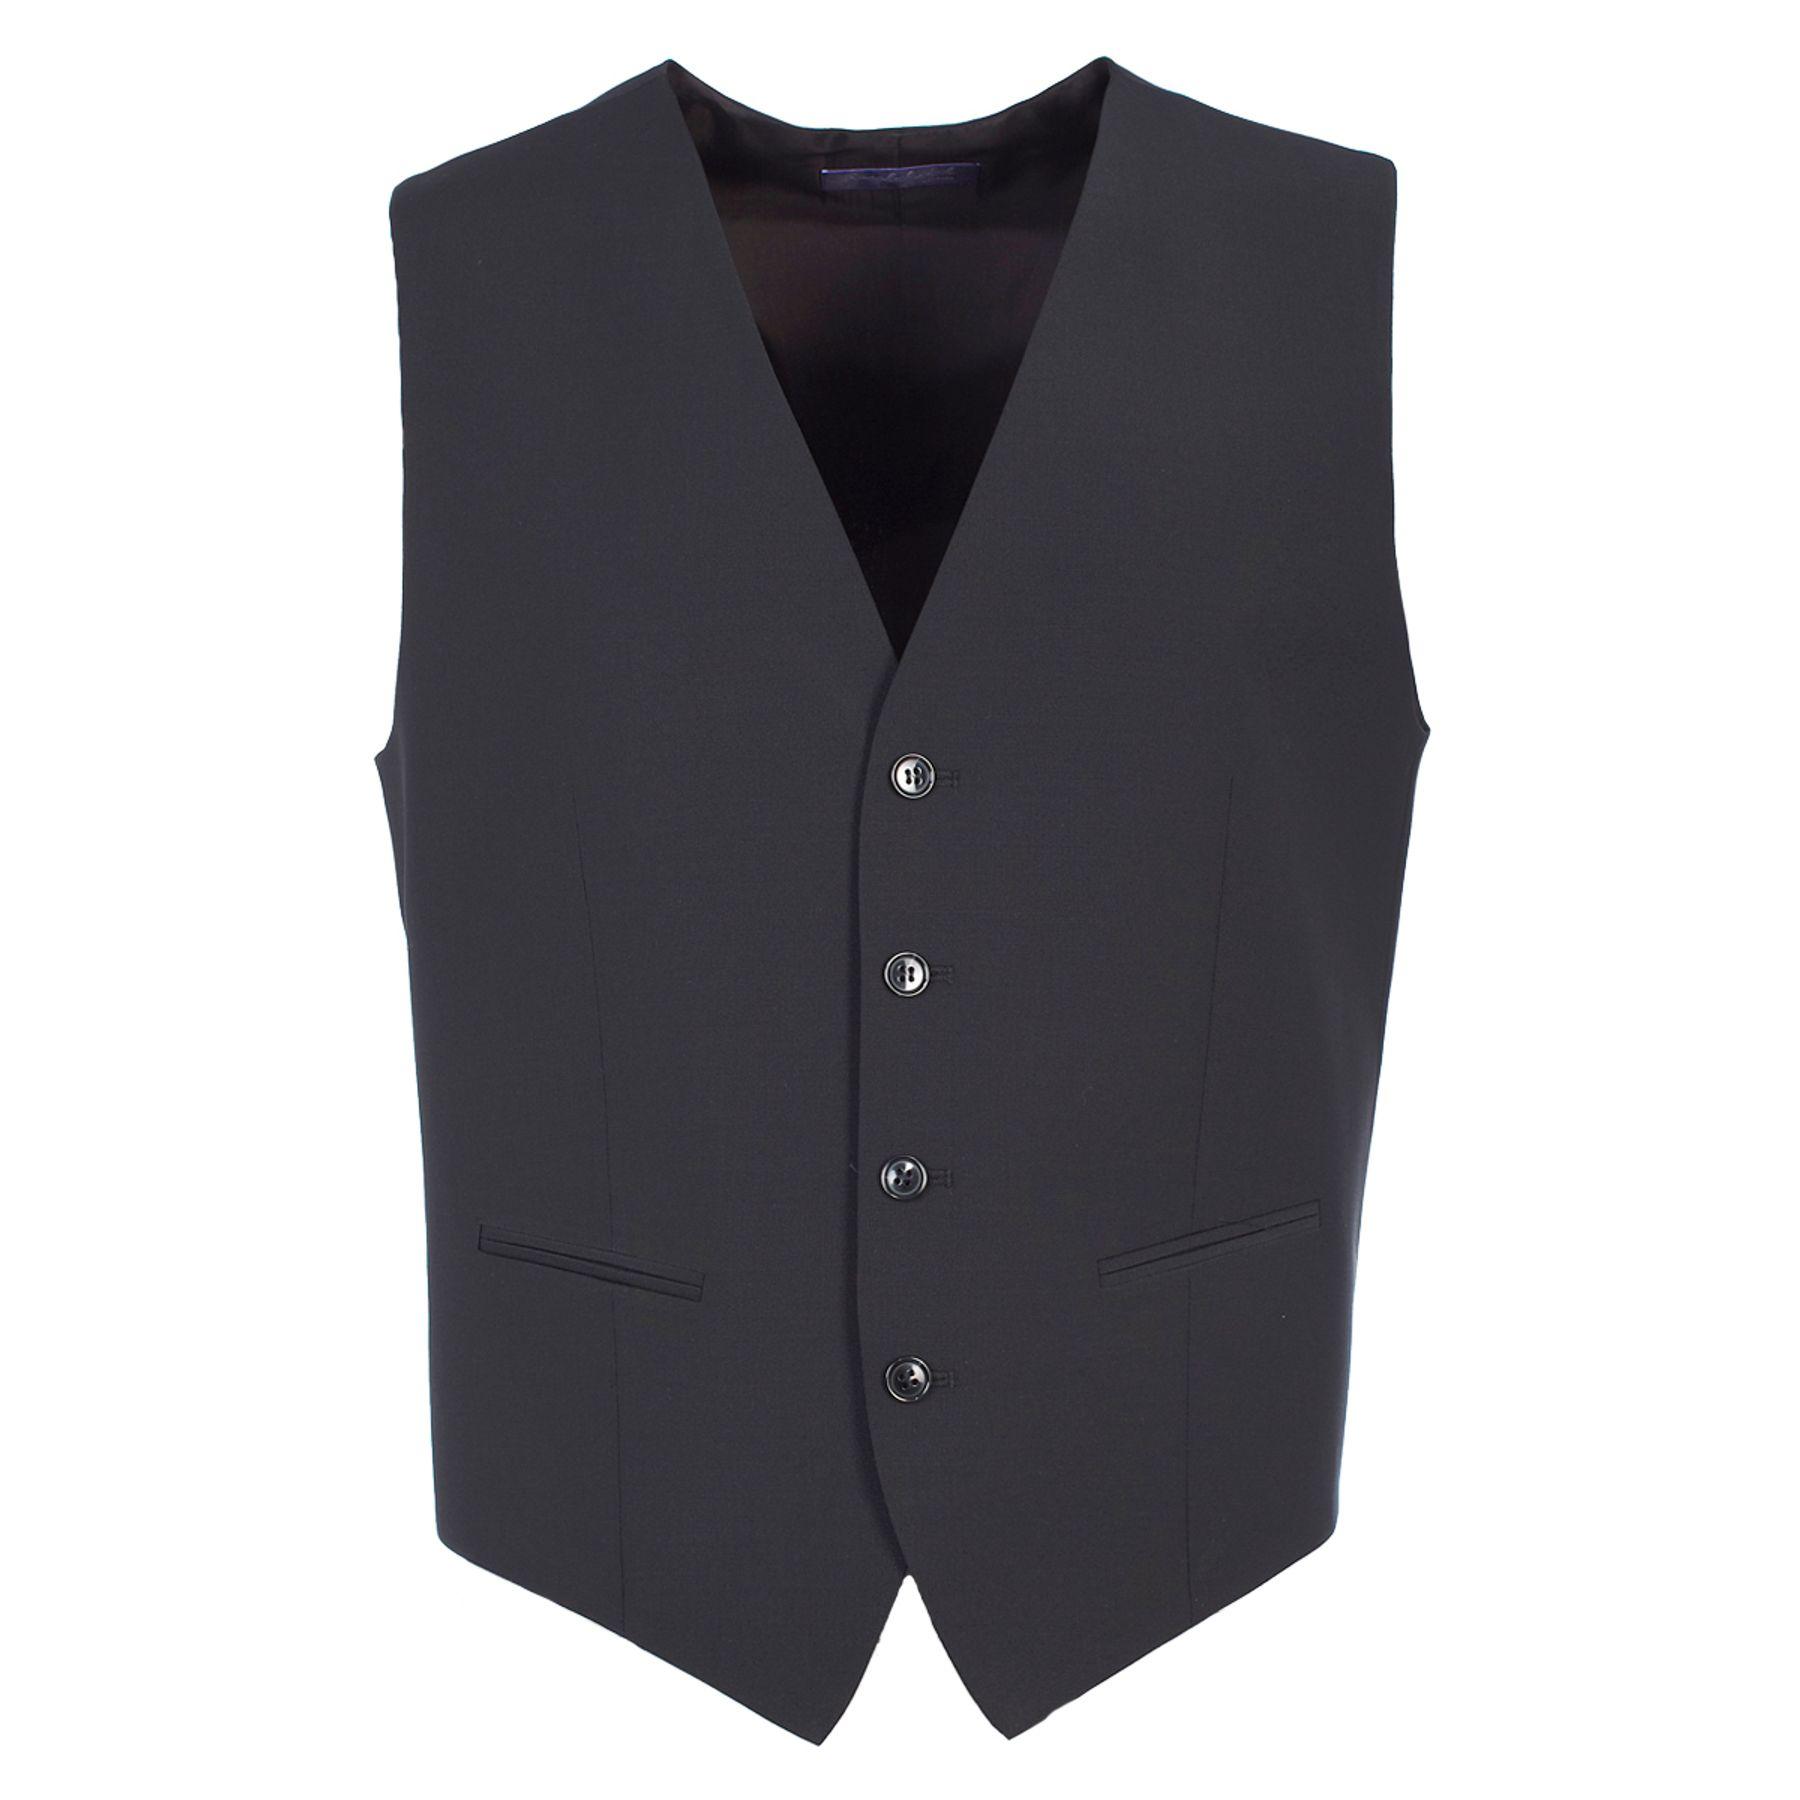 Benvenuto Purple - Slim Fit - Herren Baukasten Weste für Jungen Trend-Anzug mit sehr schlankem Schnitt in Dunkelblau und Schwarz, Dante (20657, Modell: 61367) – Bild 3